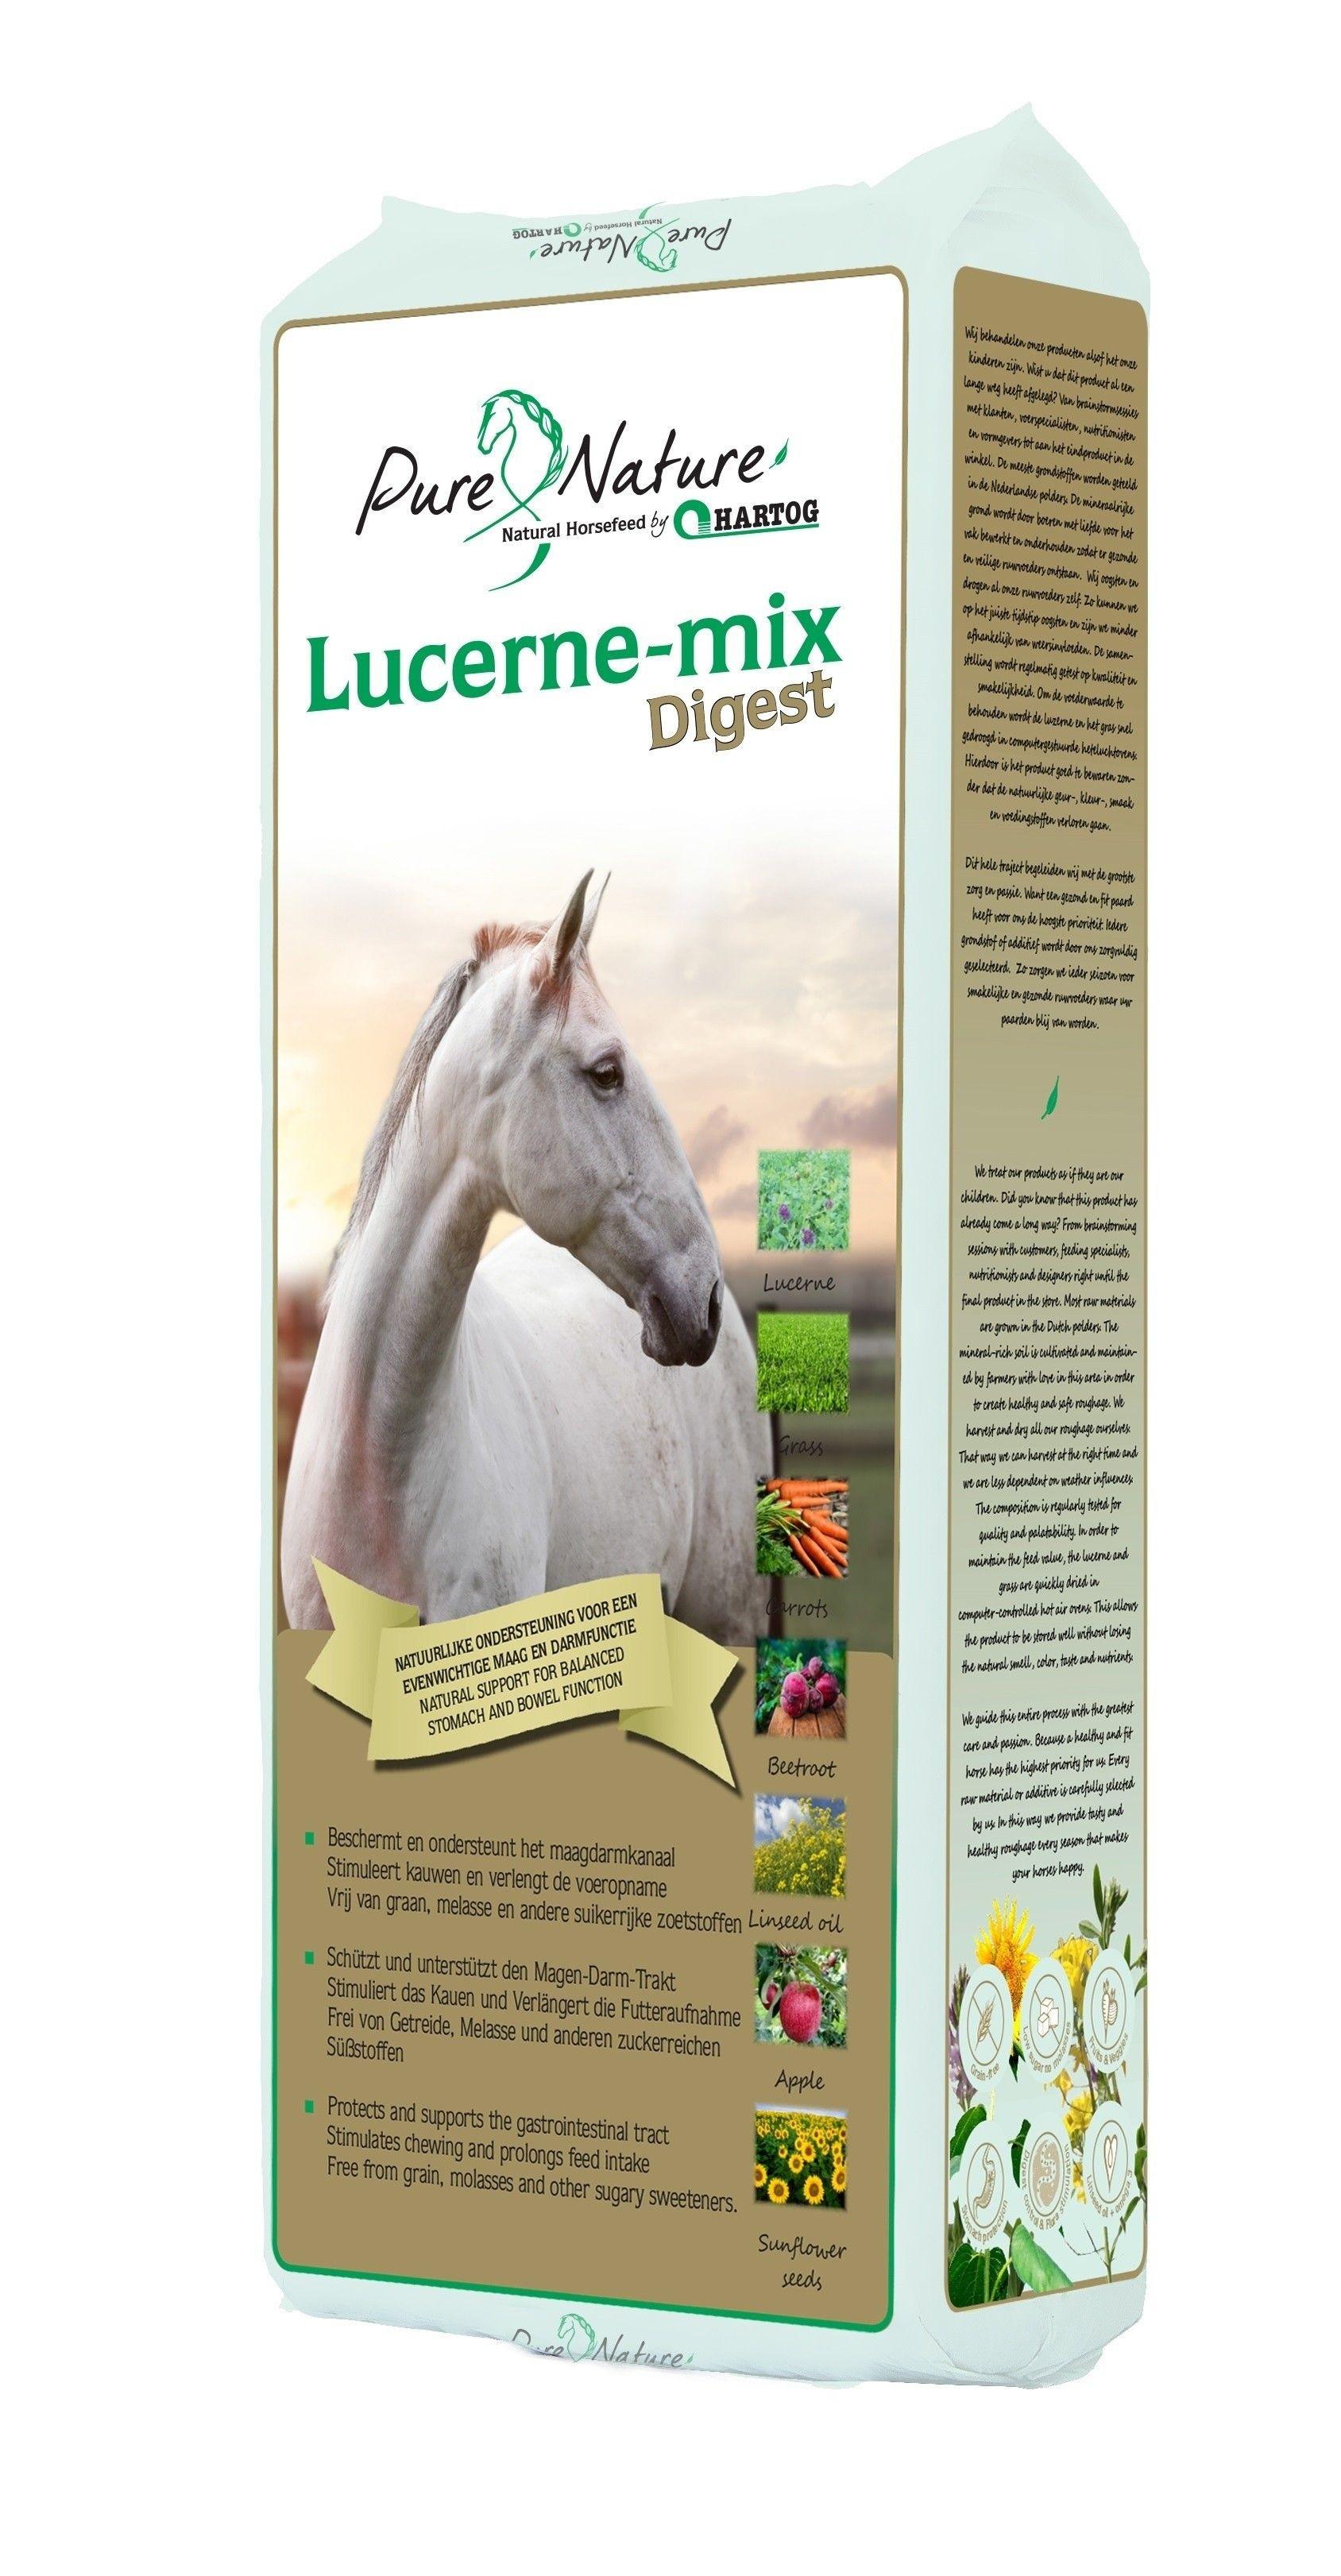 Lucerne-mix Digest Hartog 15kg